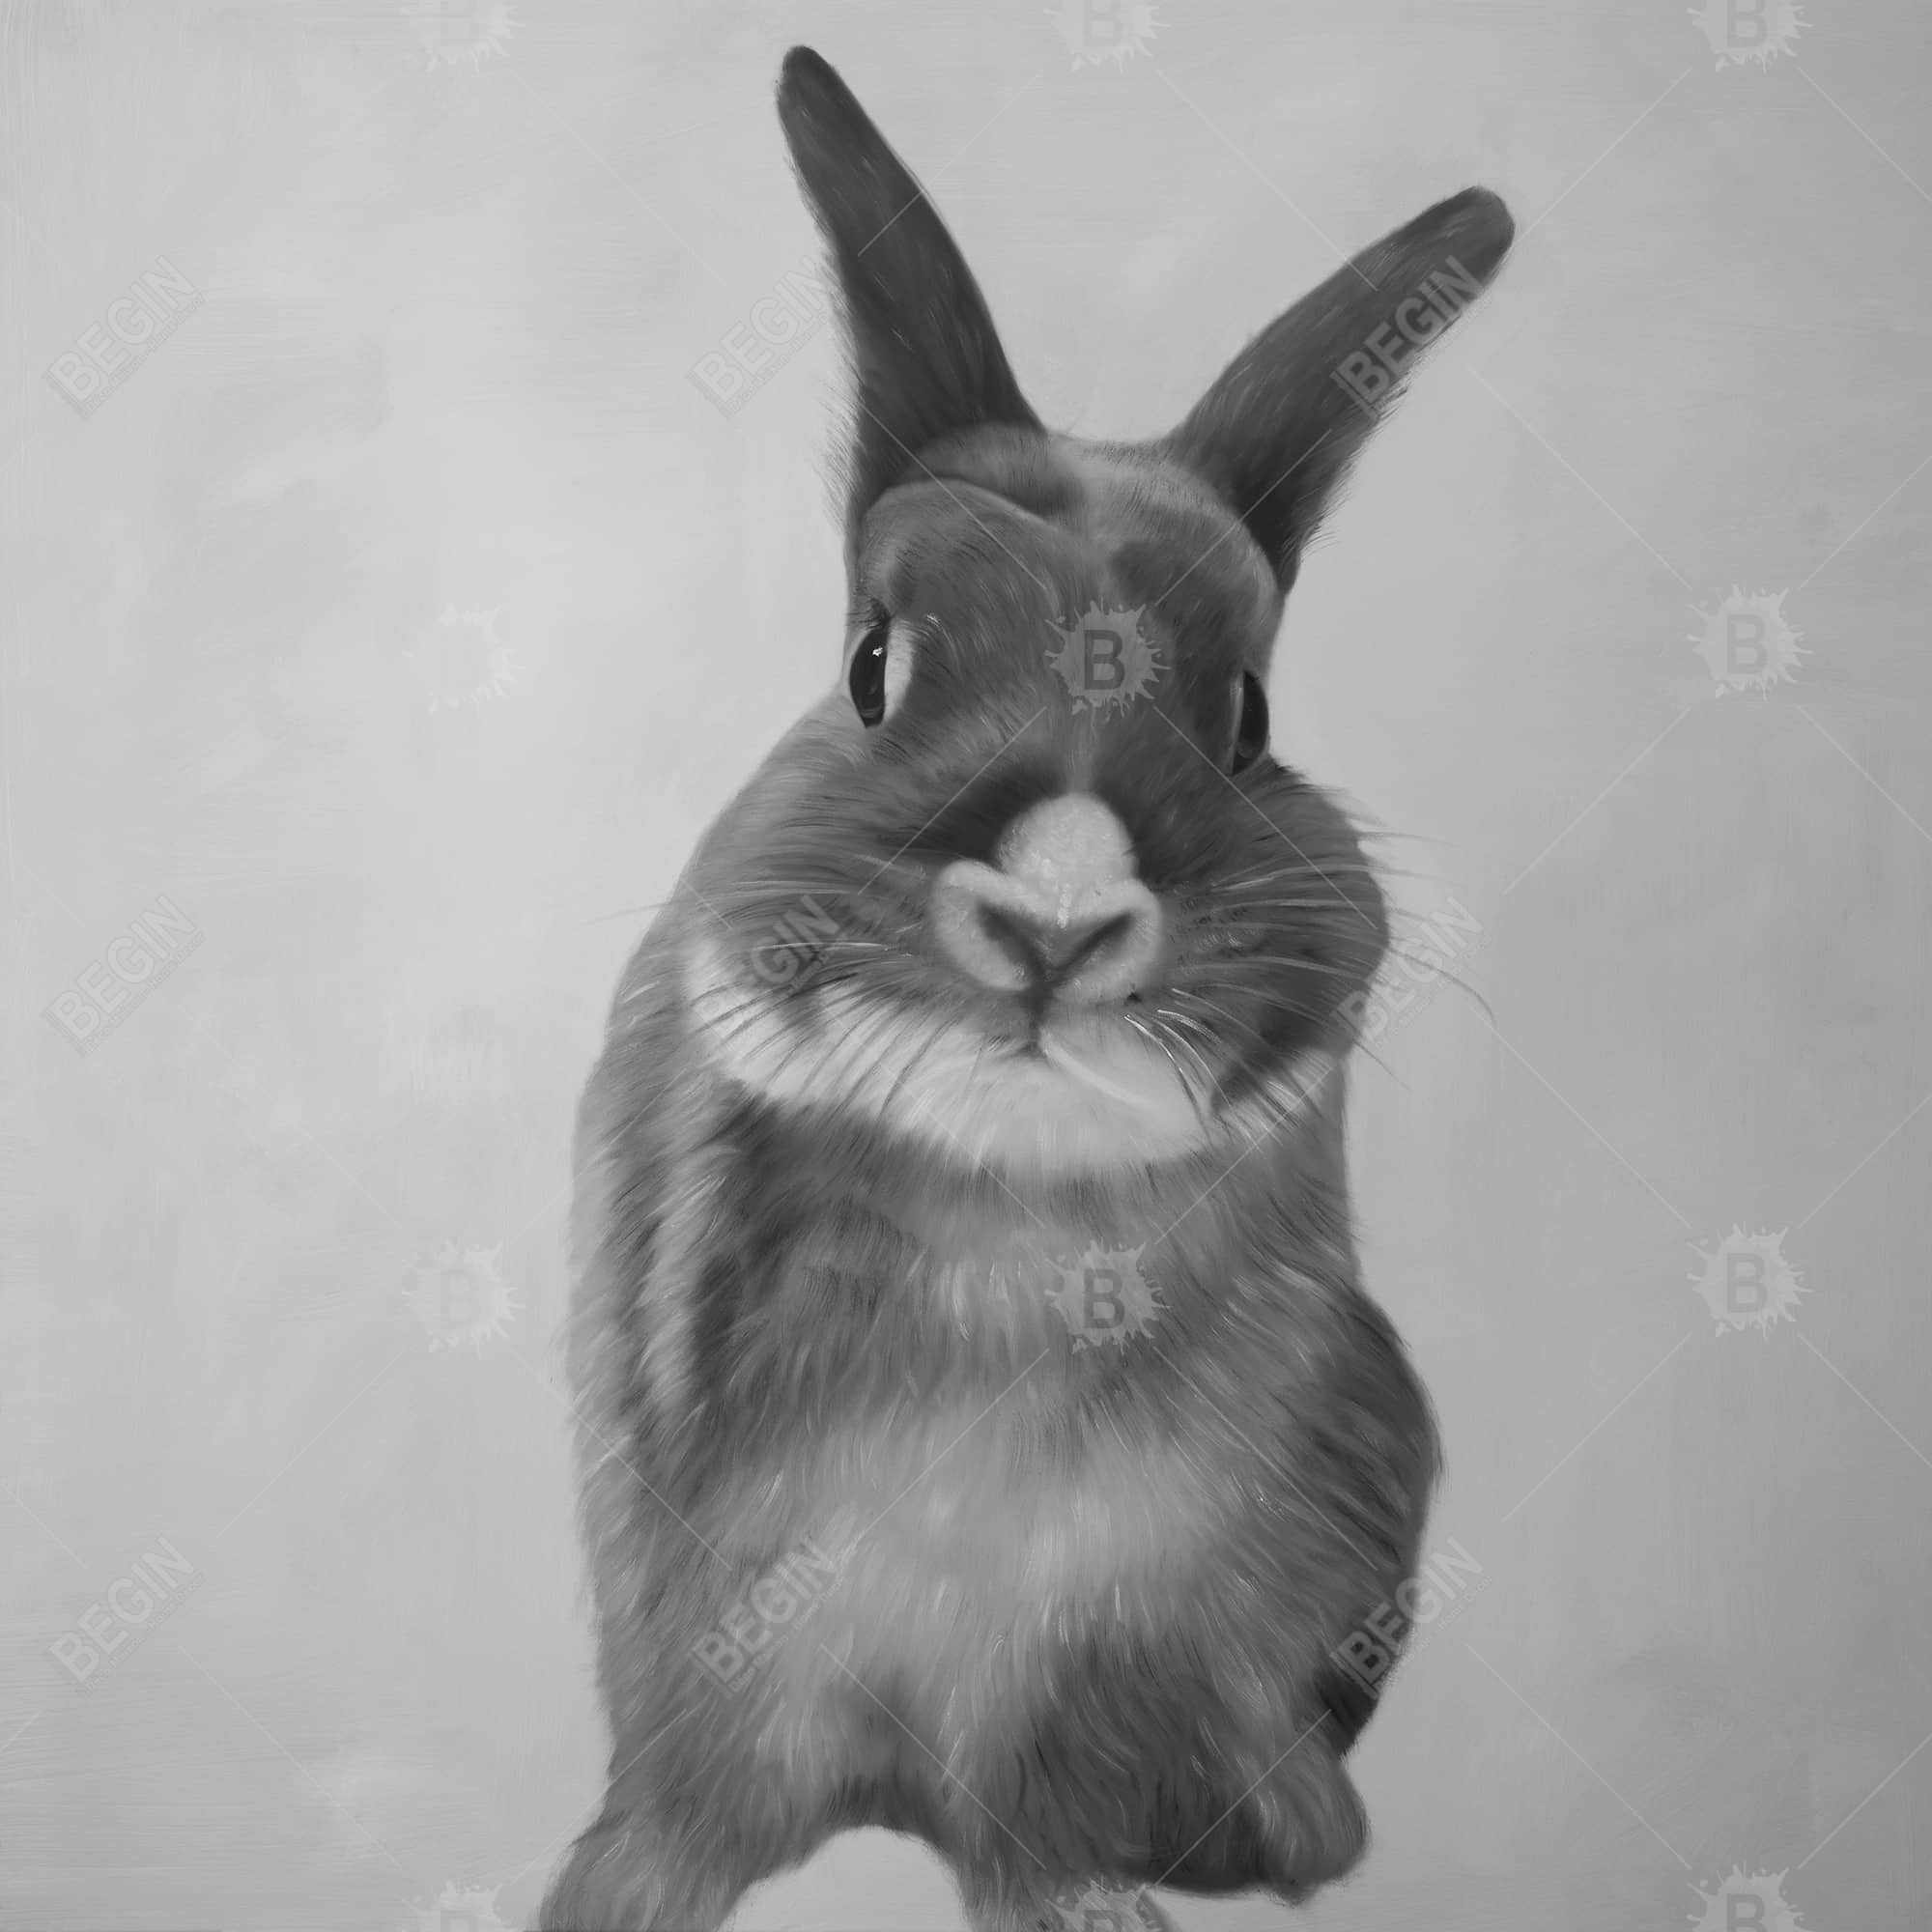 Funny gray bunny